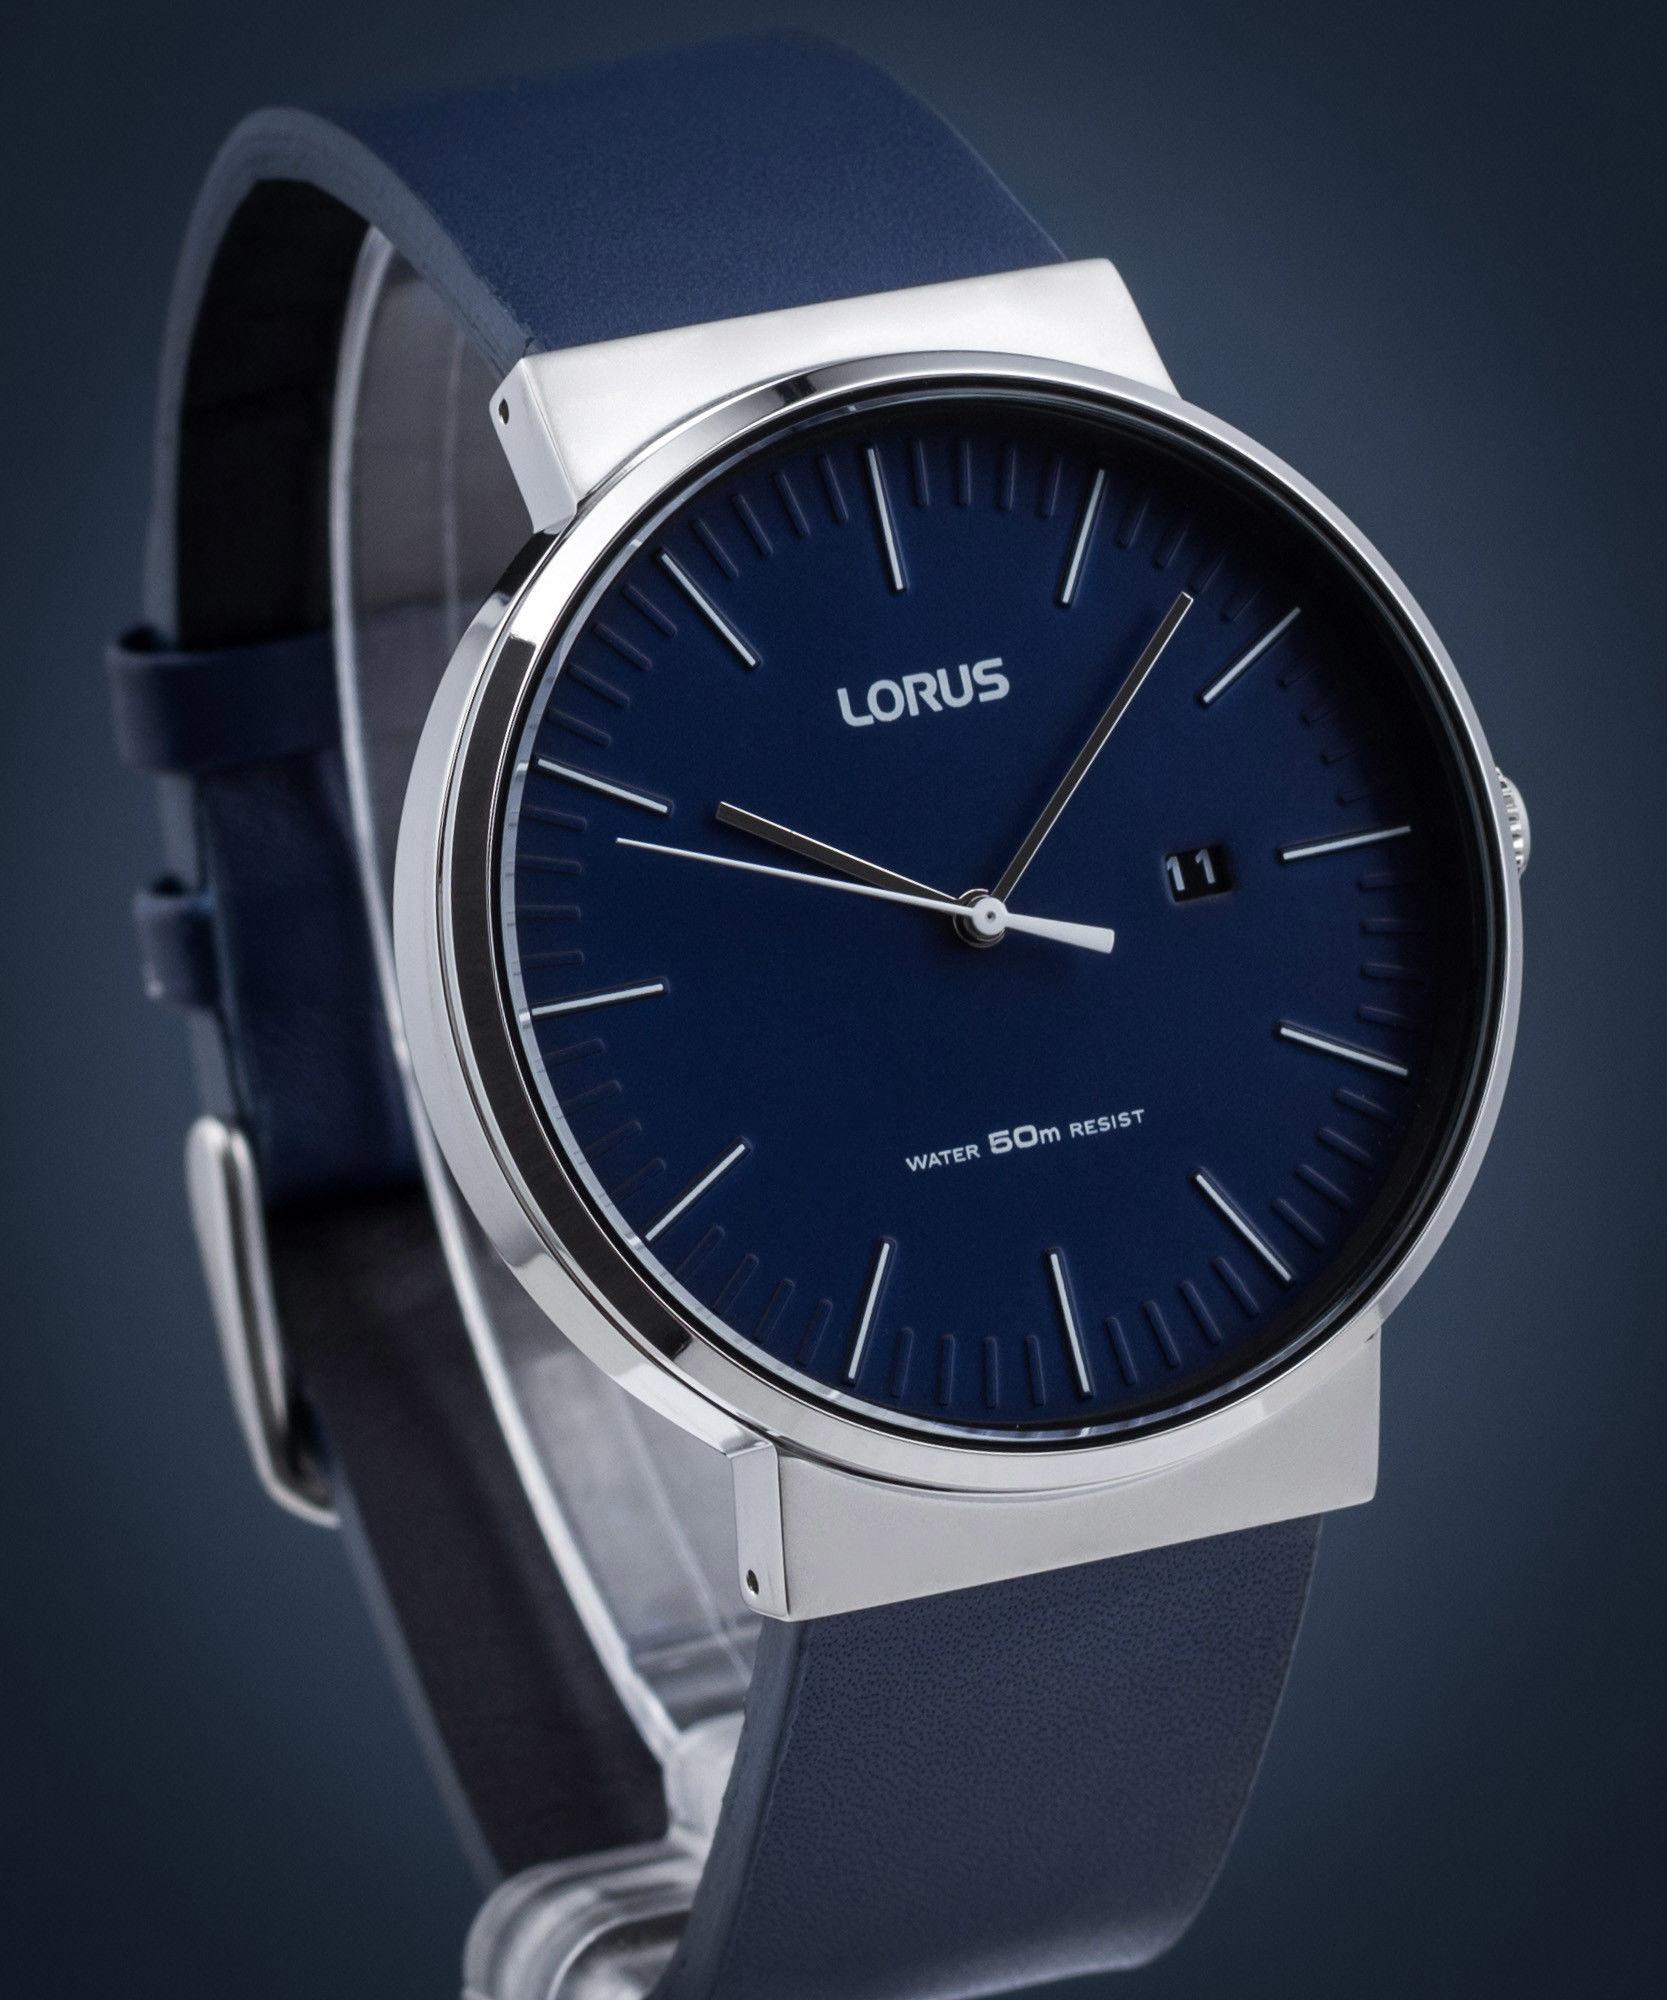 Zegarek Lorus RH985KX9 - CENA DO NEGOCJACJI - DOSTAWA DHL GRATIS, KUPUJ BEZ RYZYKA - 100 dni na zwrot, możliwość wygrawerowania dowolnego tekstu.